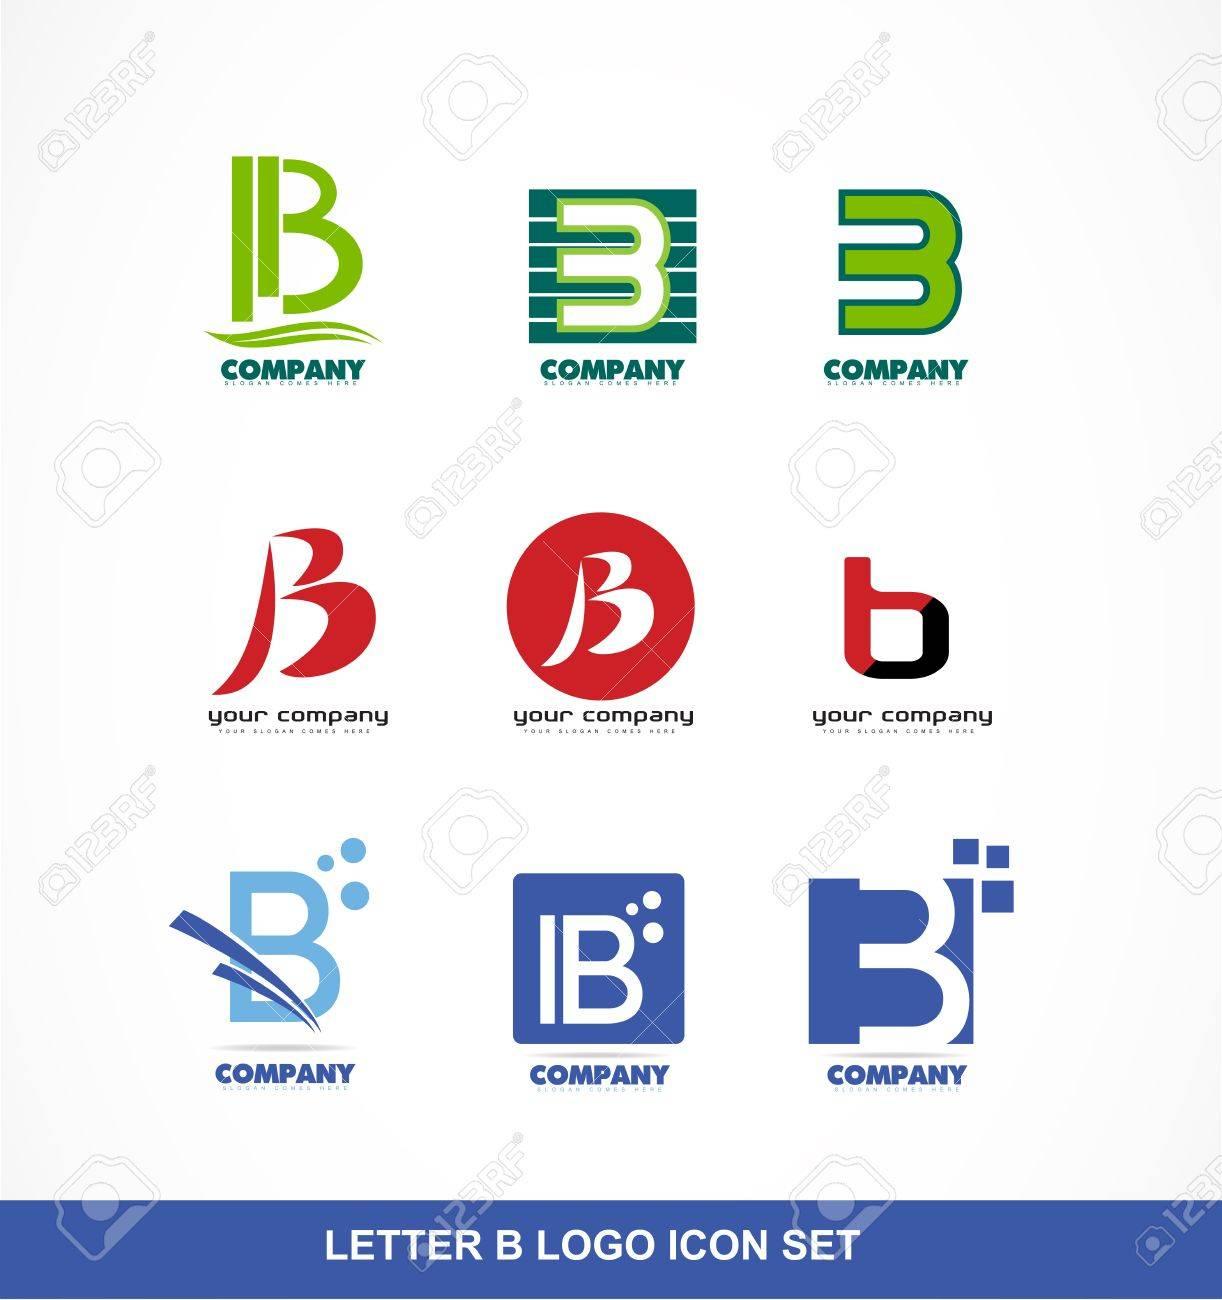 Logo Icône Élément Modèle Lettre Alphabet B Ensemble tout Modele Lettre Alphabet